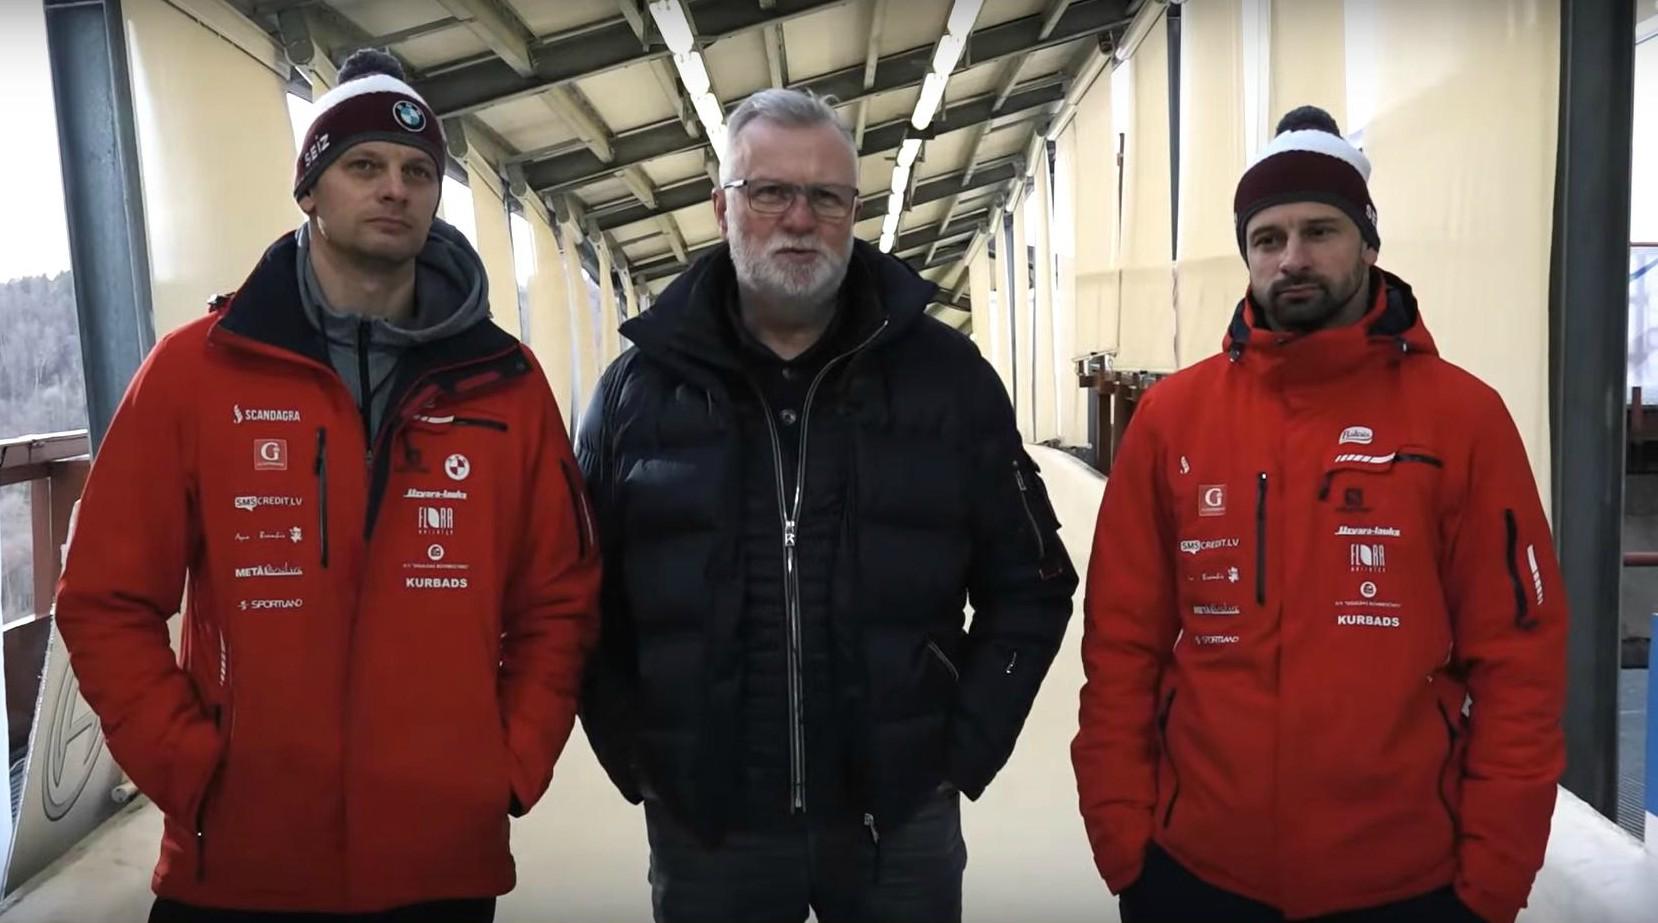 Братья Дукурсы с произведёнными в Лиепае лезвиями завоевали более 100 медалей на этапах Кубка мира